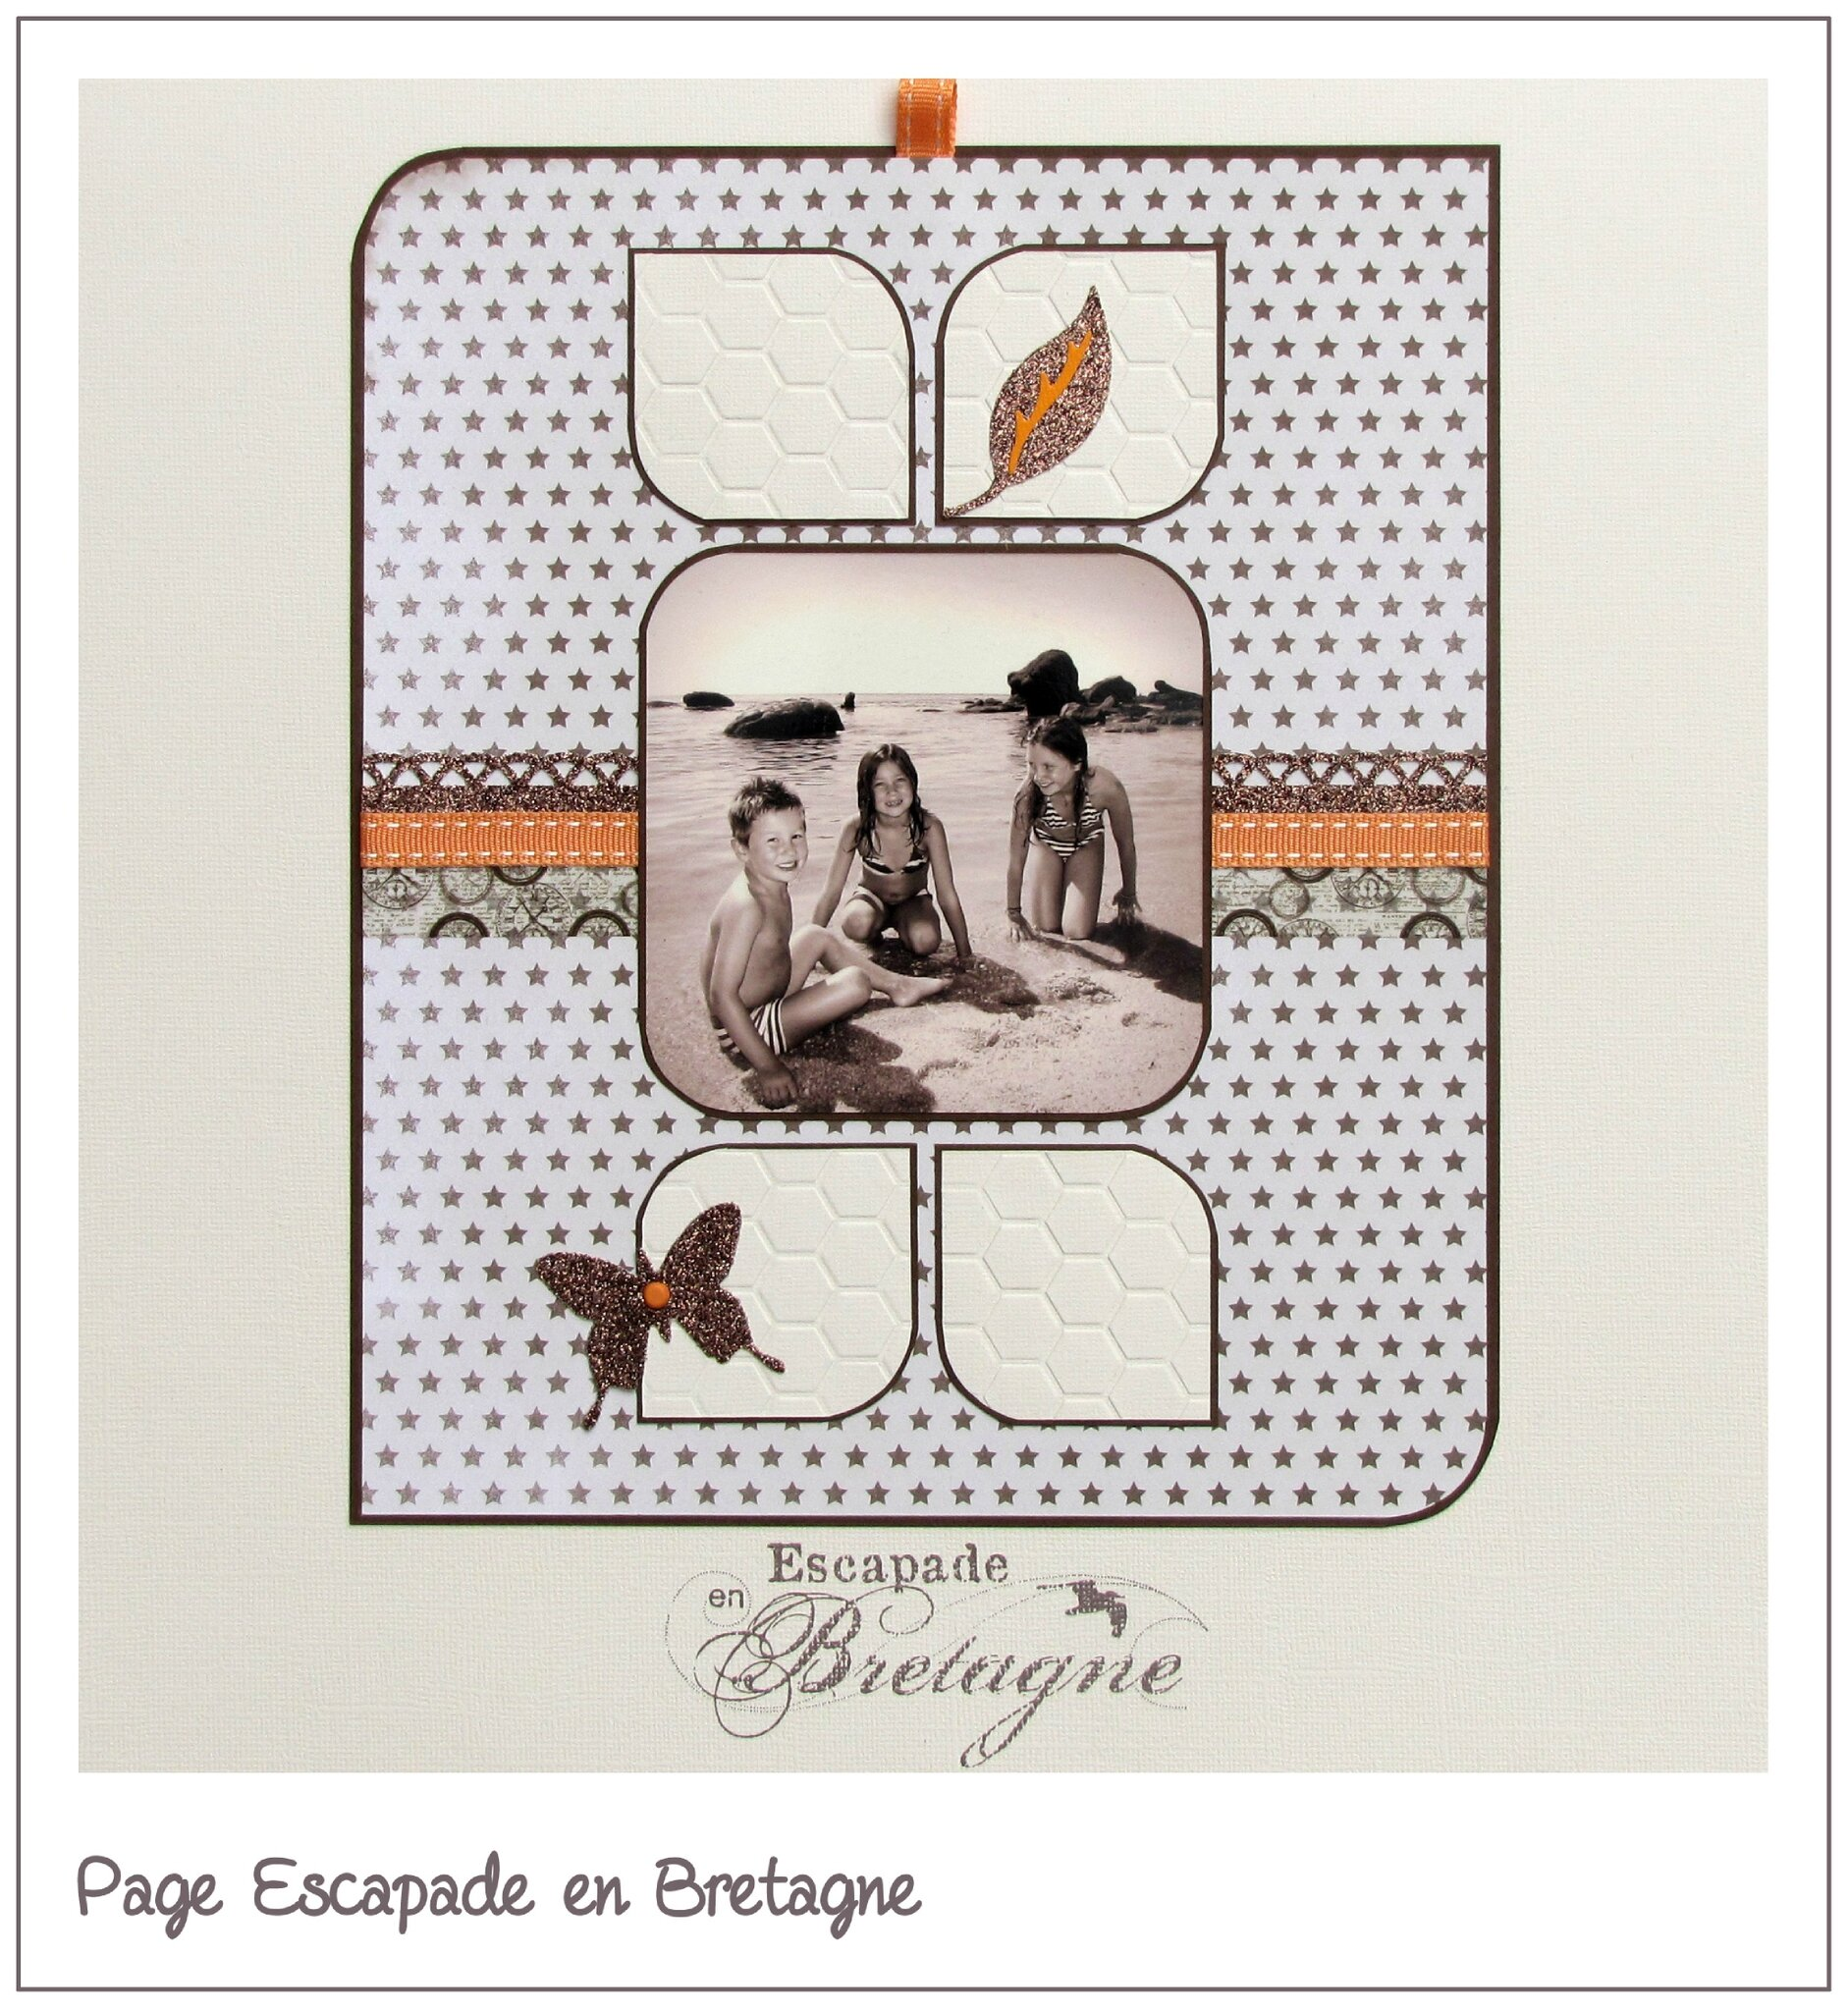 53 - 210913 - Escapage en Bretagne